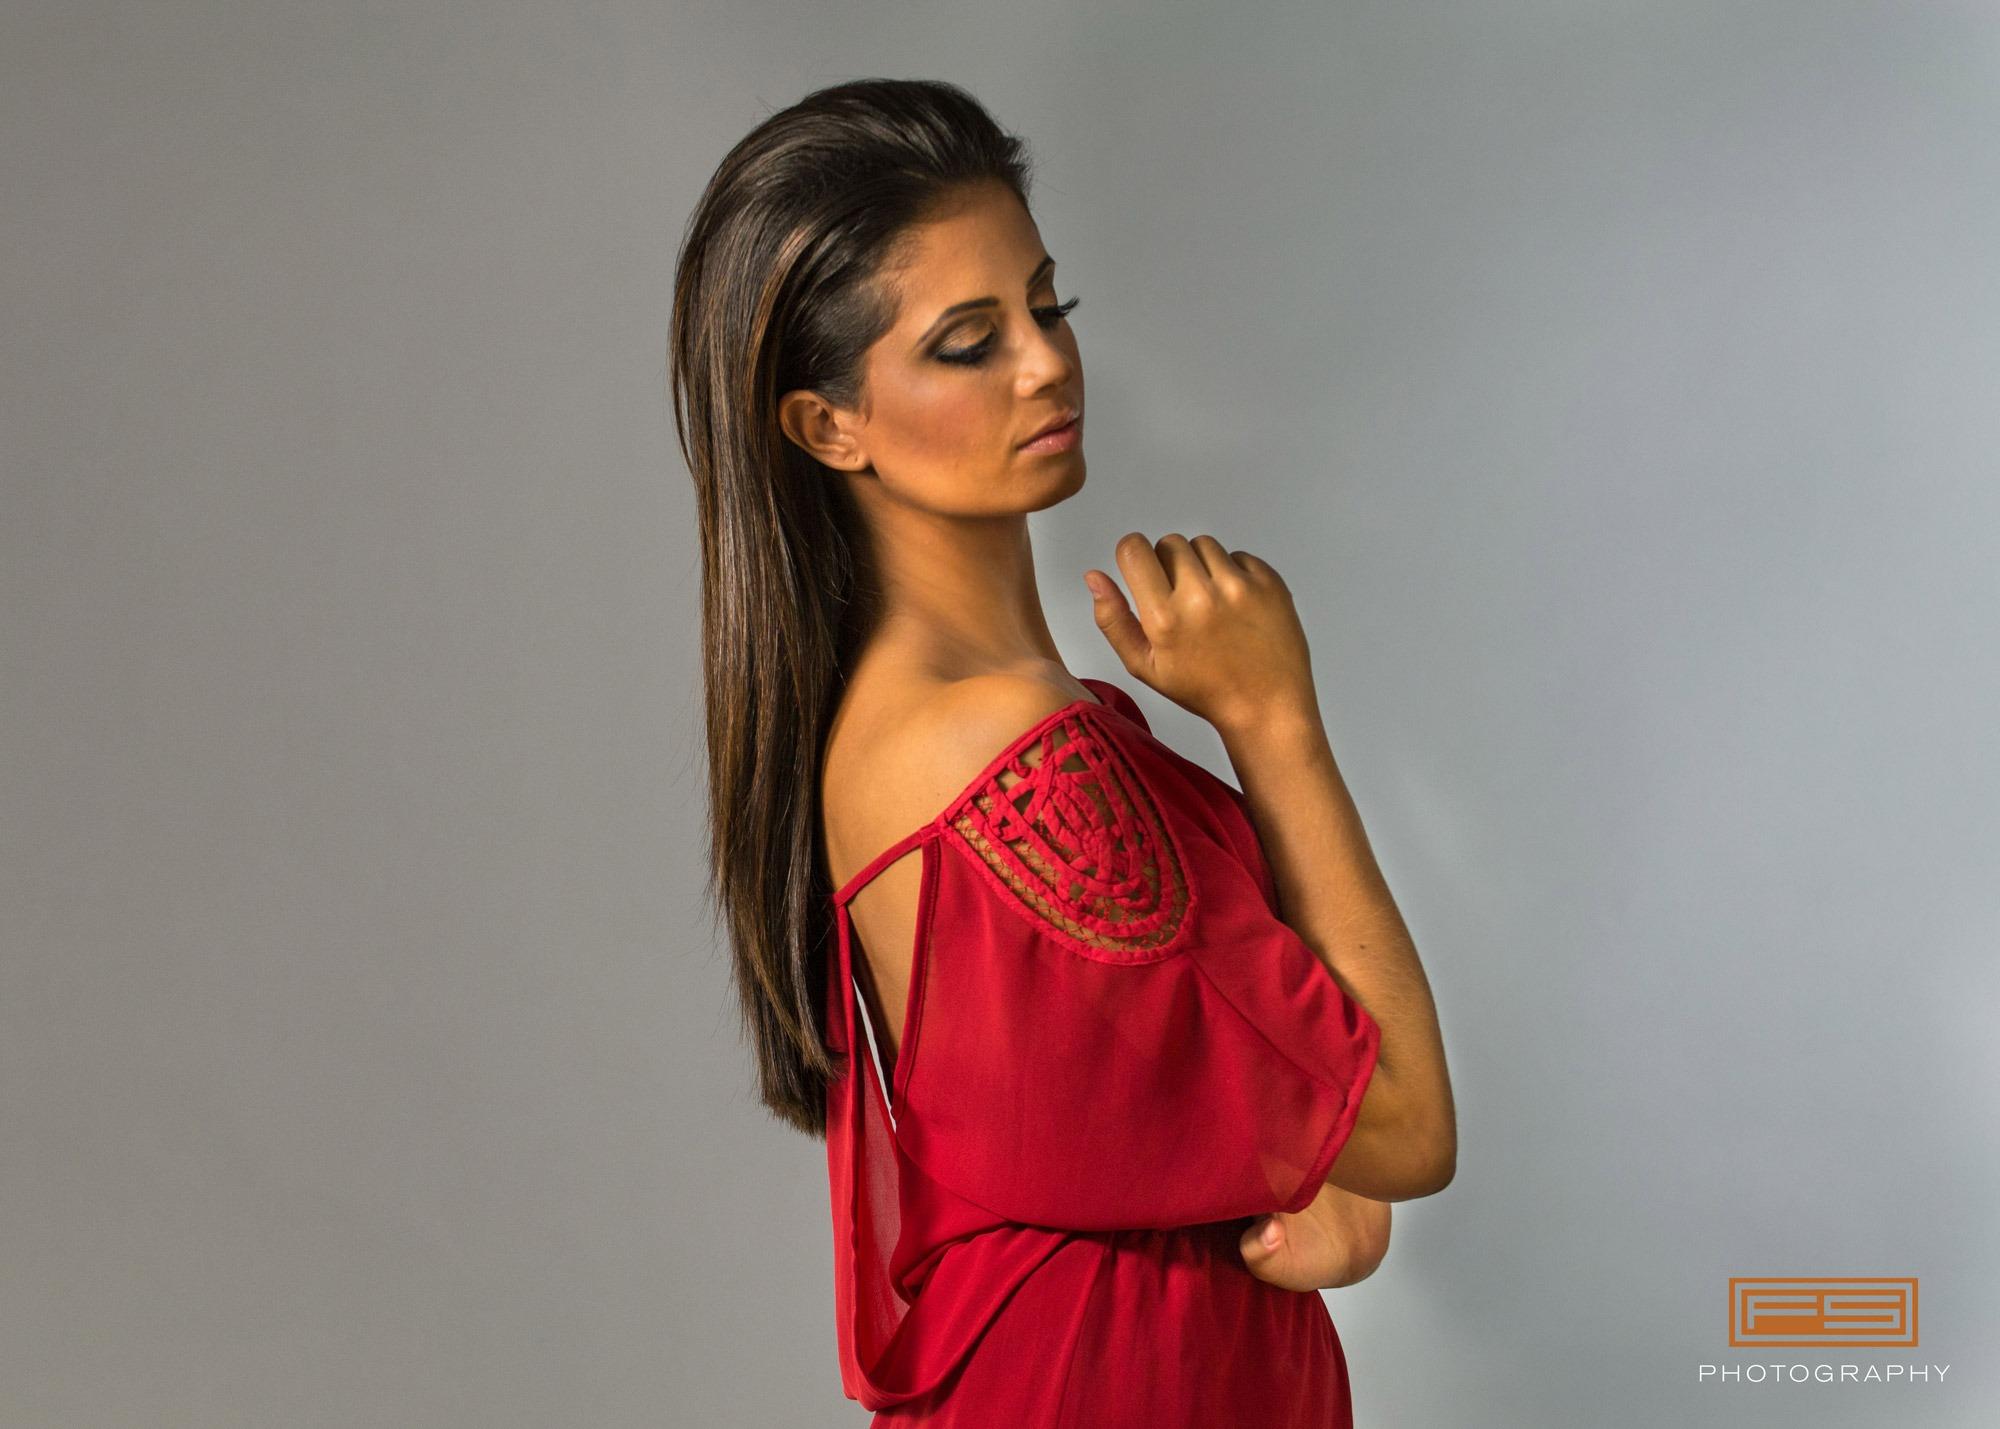 hair model in red dress with hair down fabio scalia hair salon